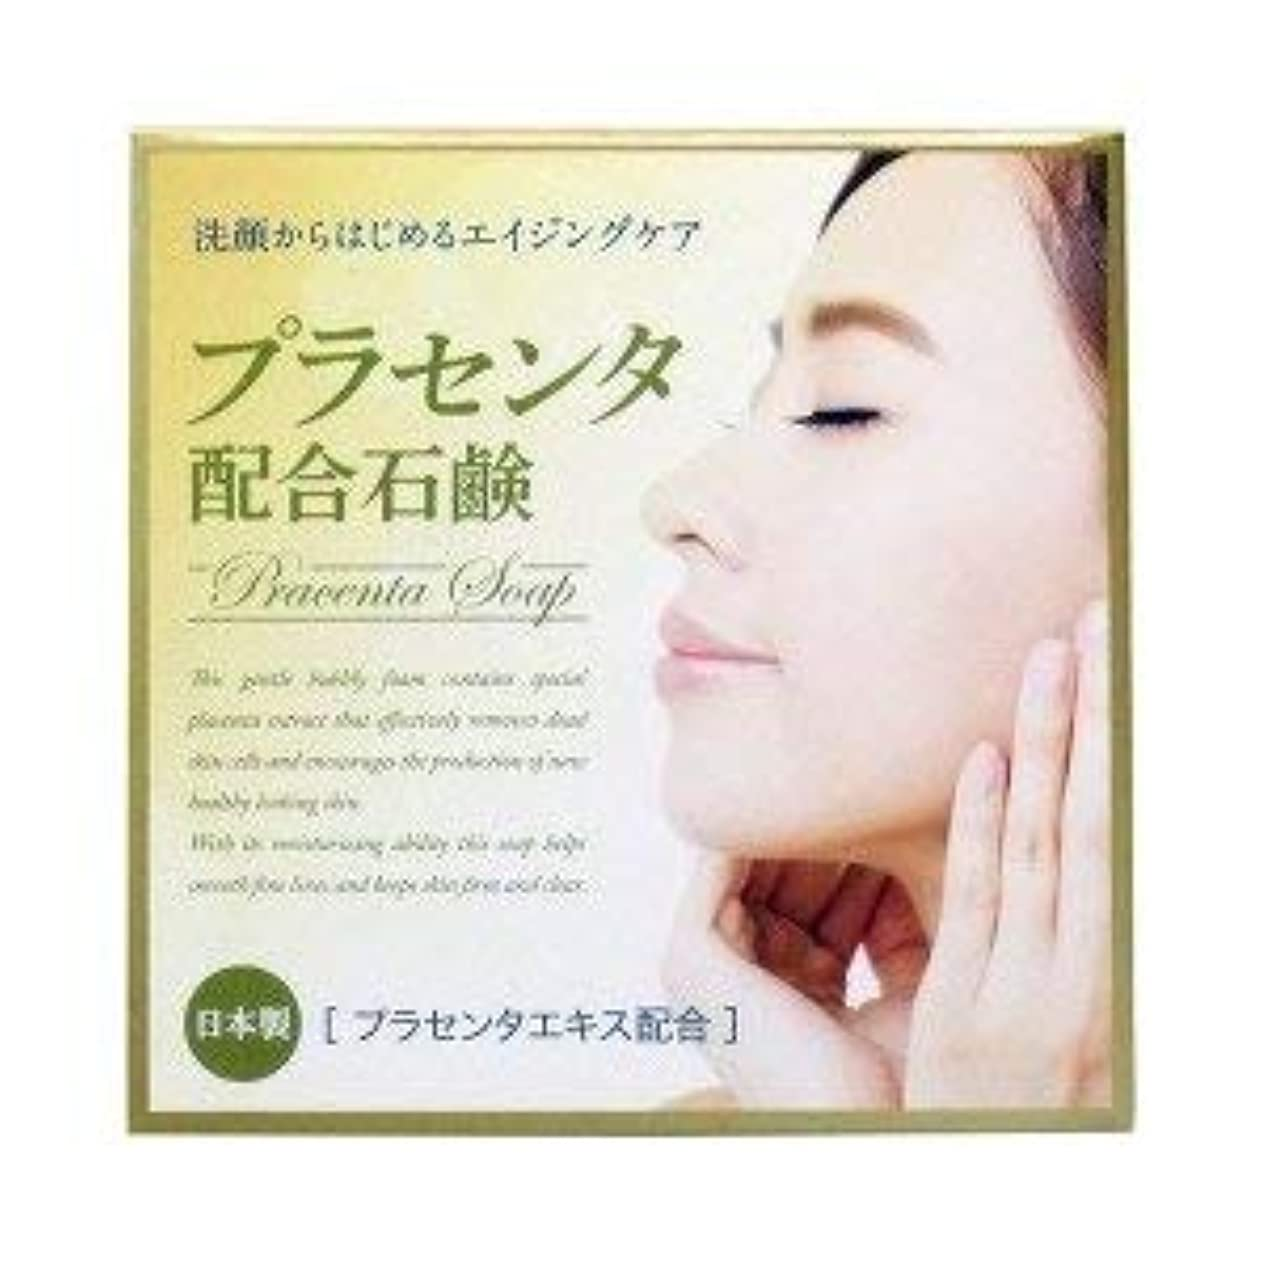 硫黄気味の悪い担当者プラセンタ配合石鹸 80g×2 2個1セット プラセンタエキス保湿成分配合 日本製